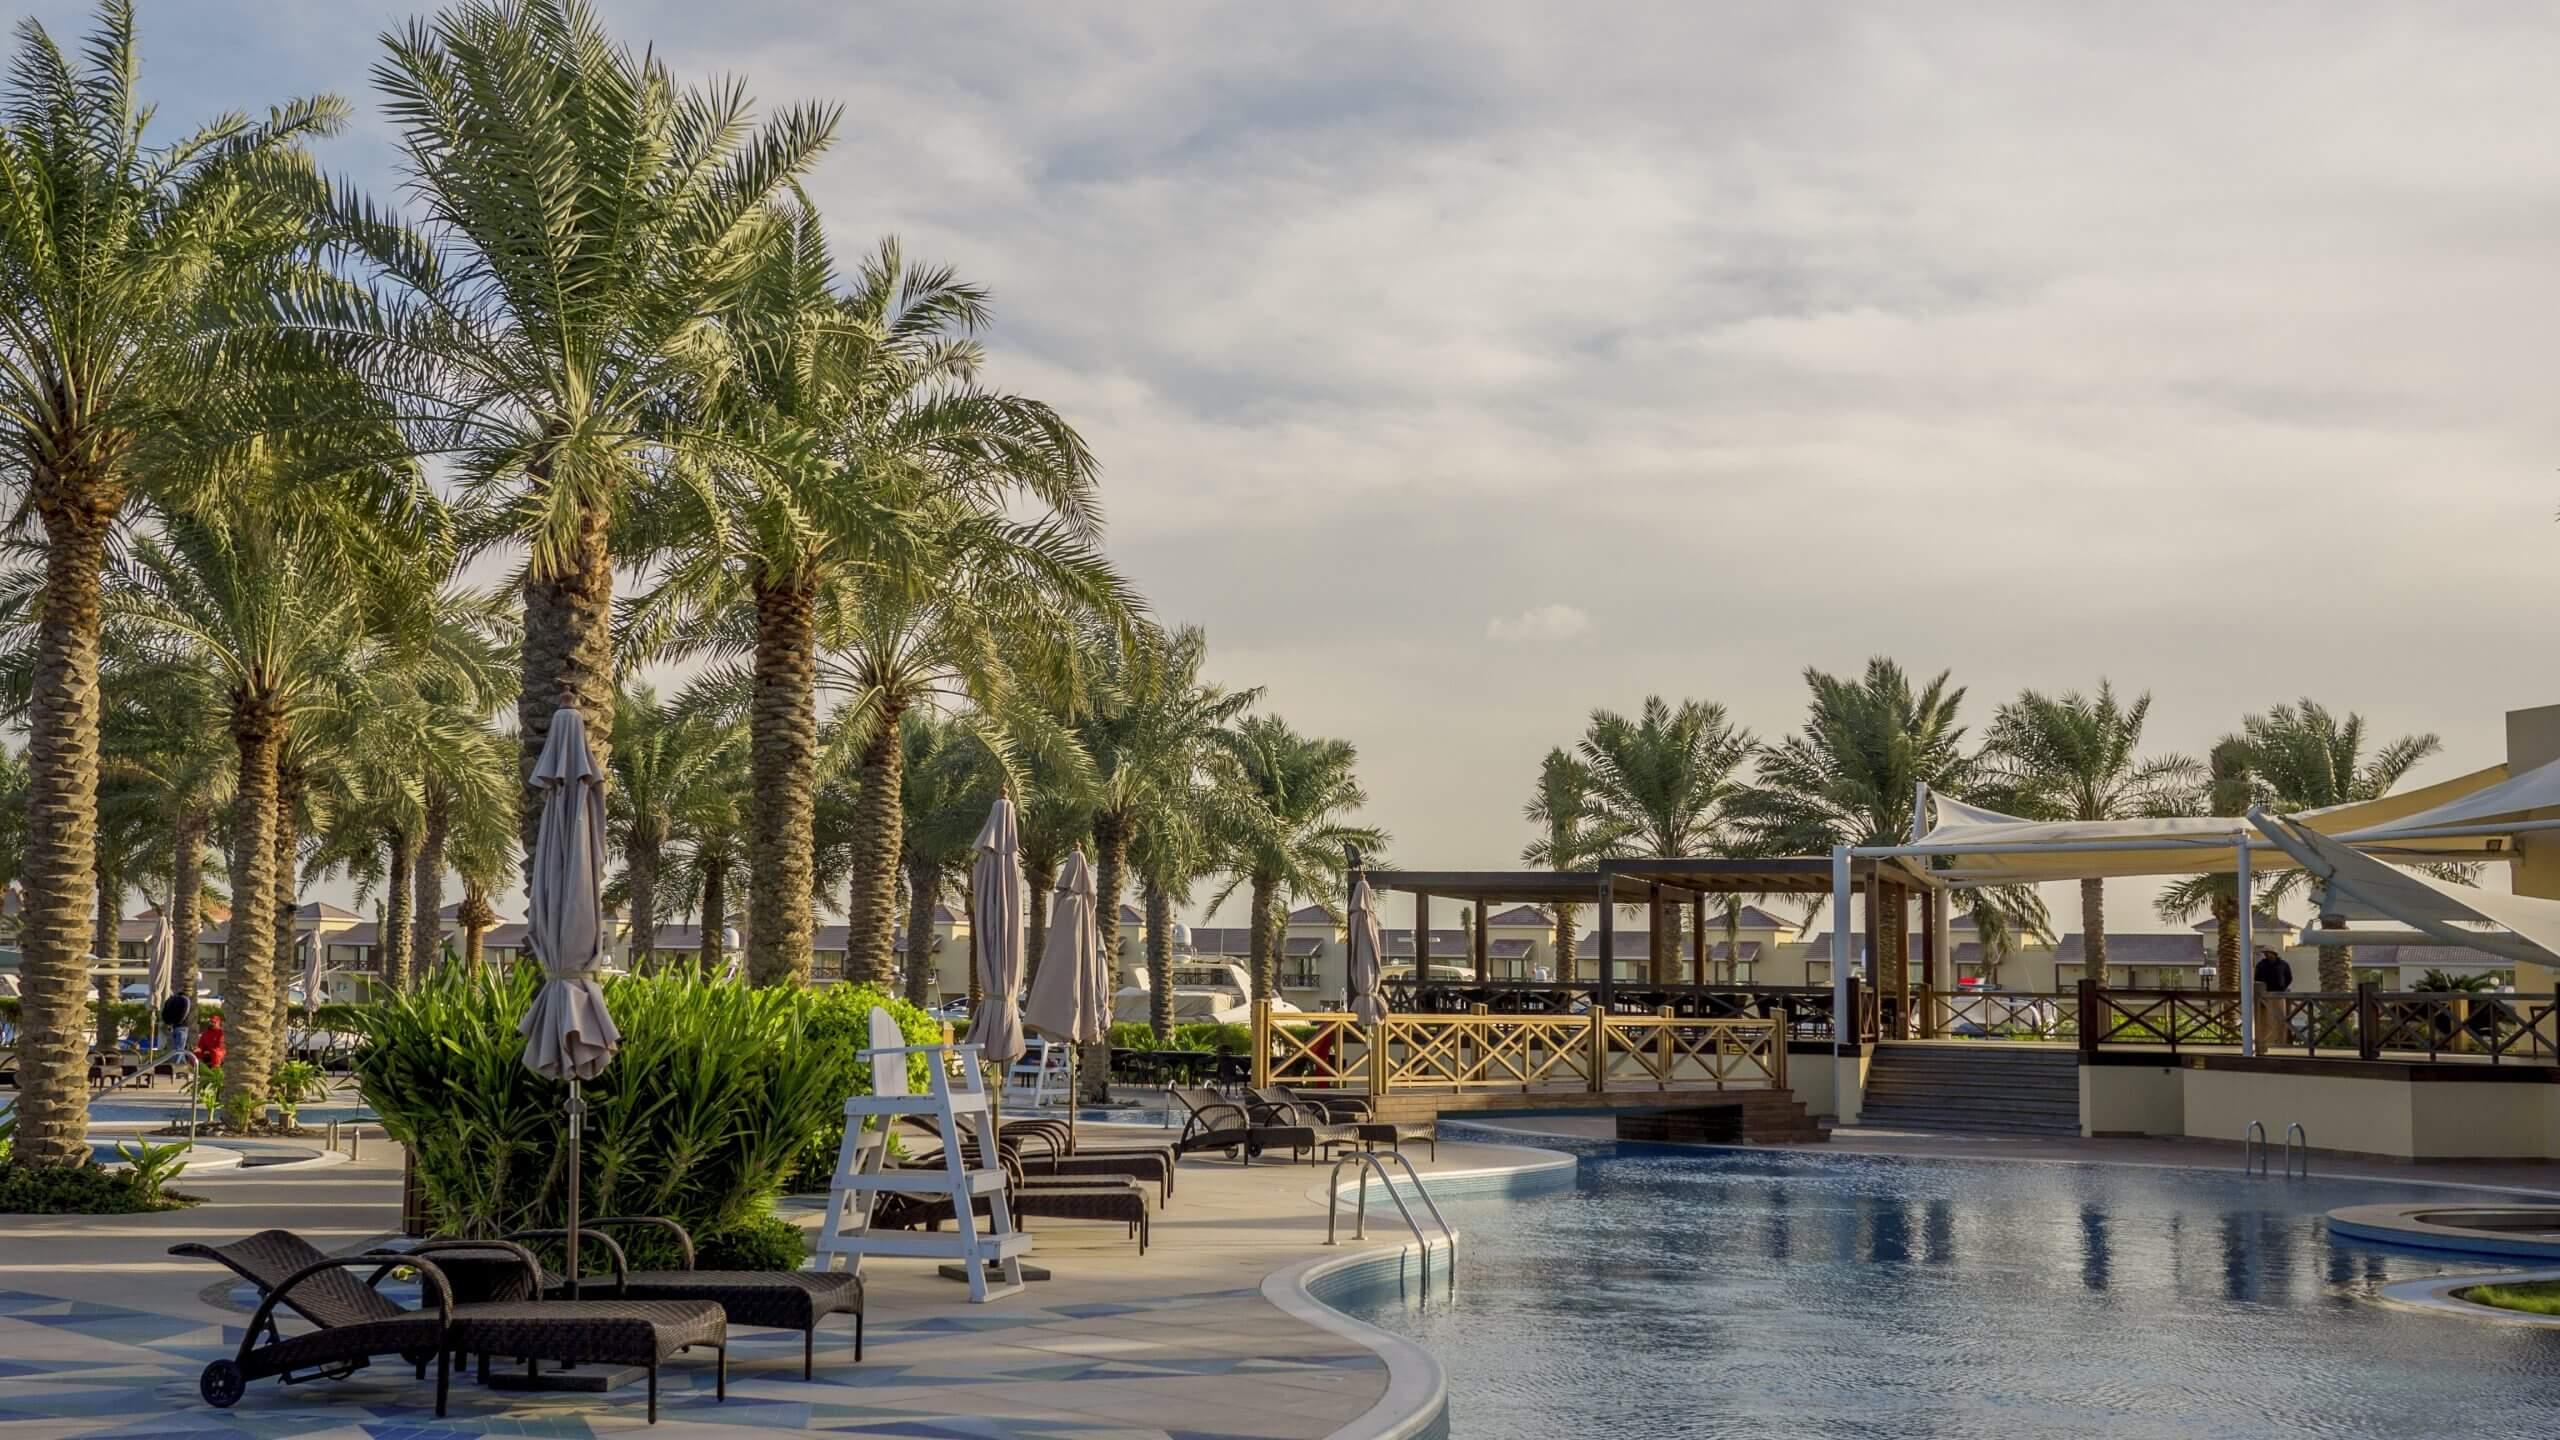 Real estate transforms Bahrain's landscape